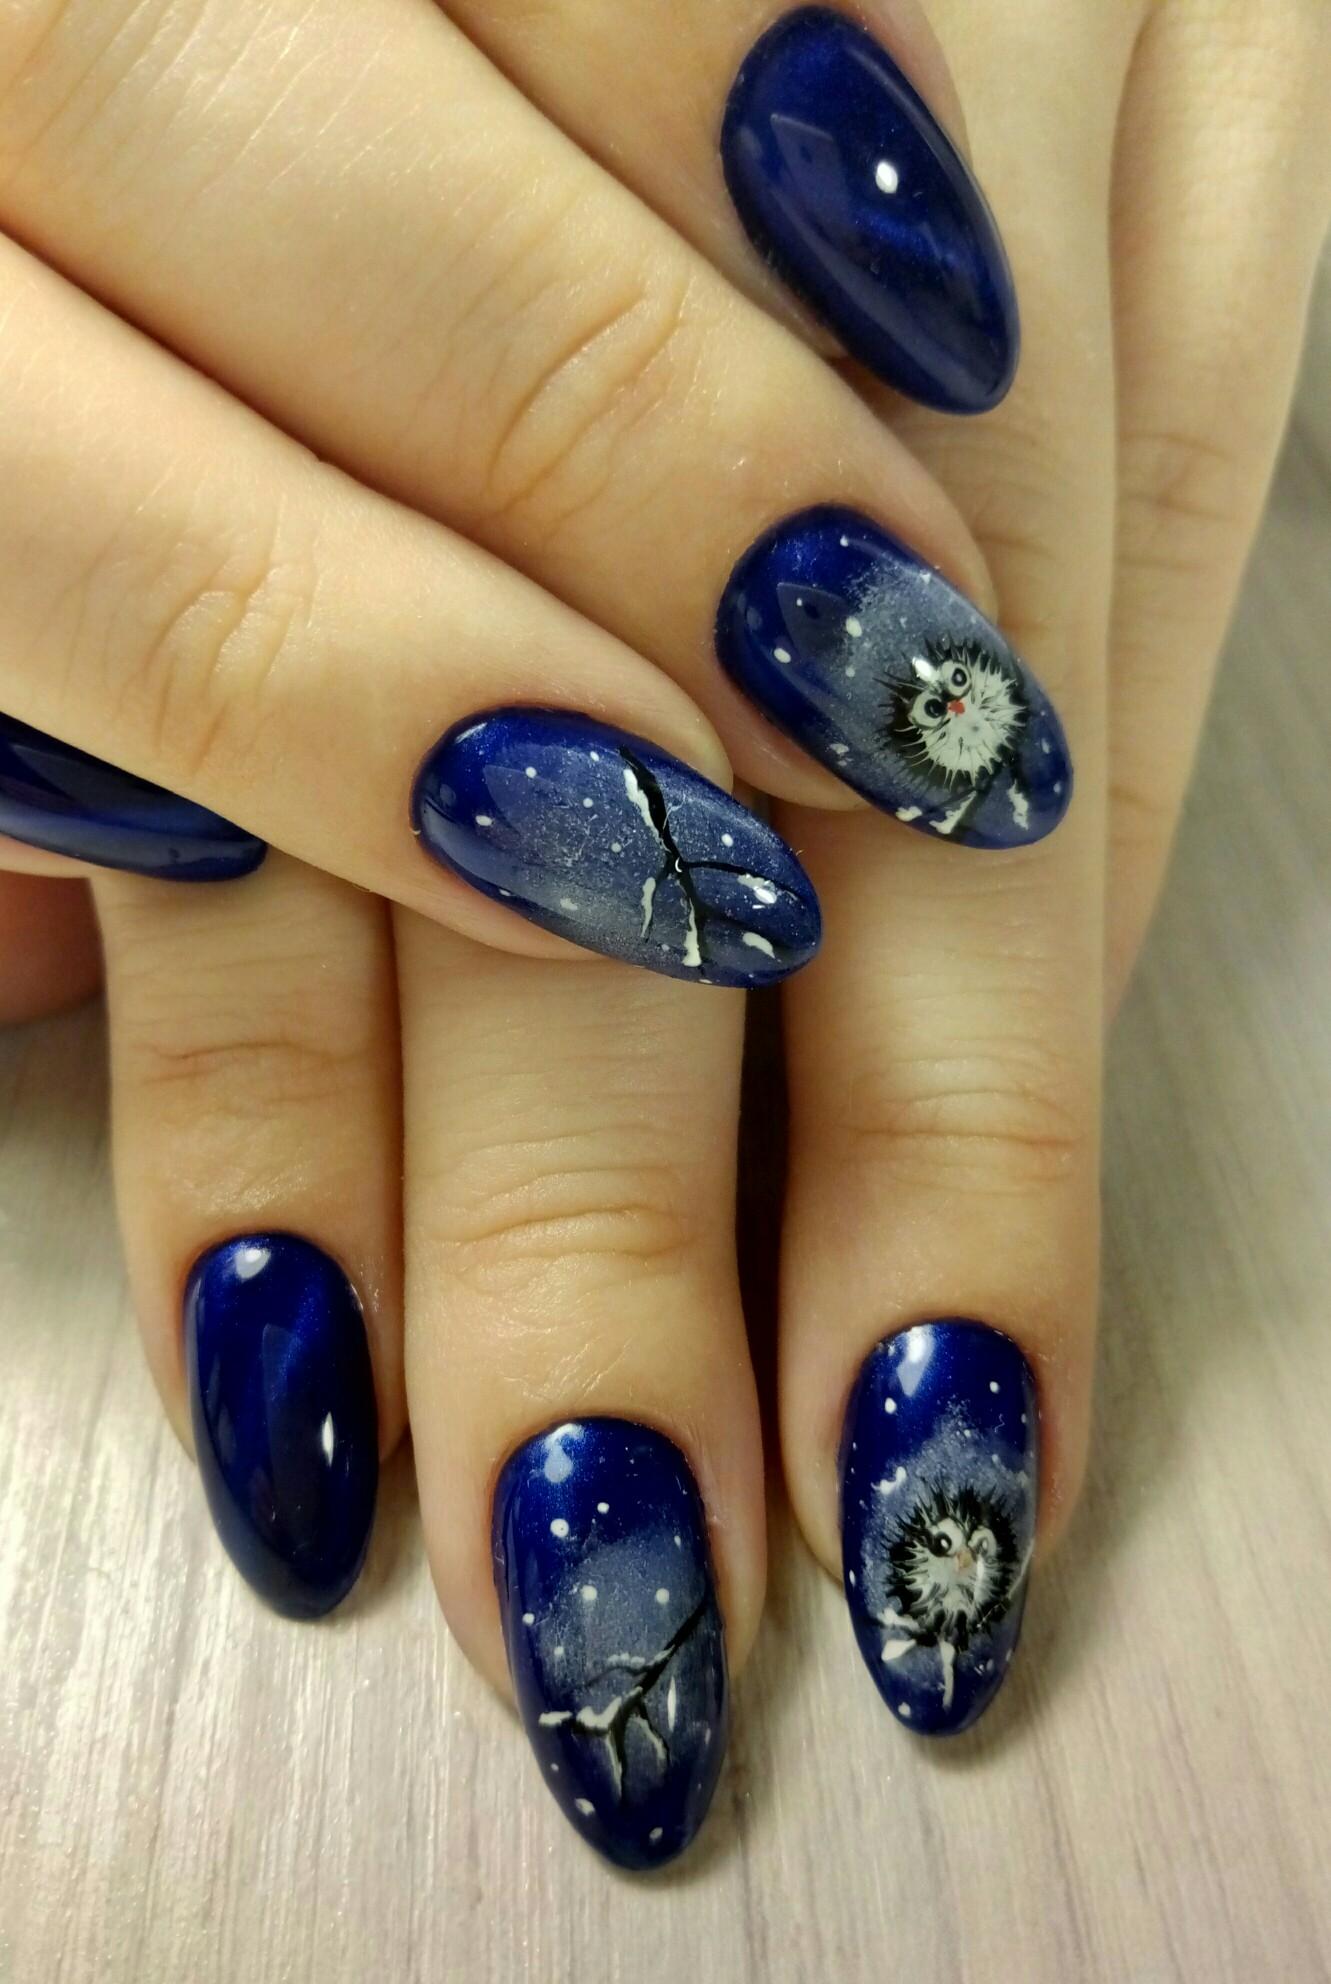 Зимний маникюр с рисунком в темно-синем цвете.